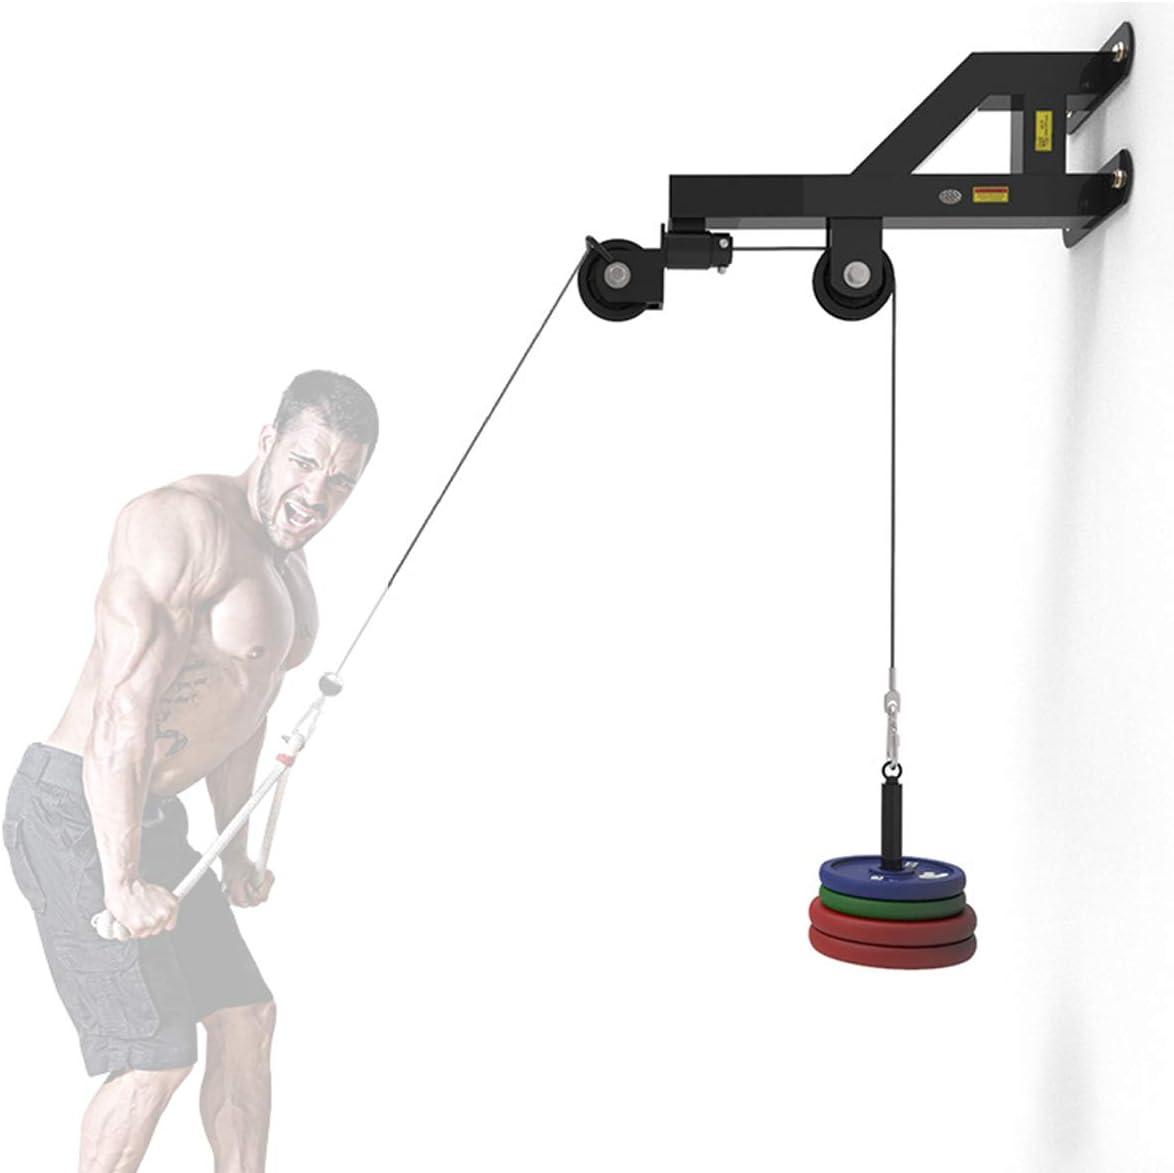 Grist CC Torre de poleas Tirador Lat Soporte de Pared para Entrenamiento de bíceps y dorsales Estación Fitness